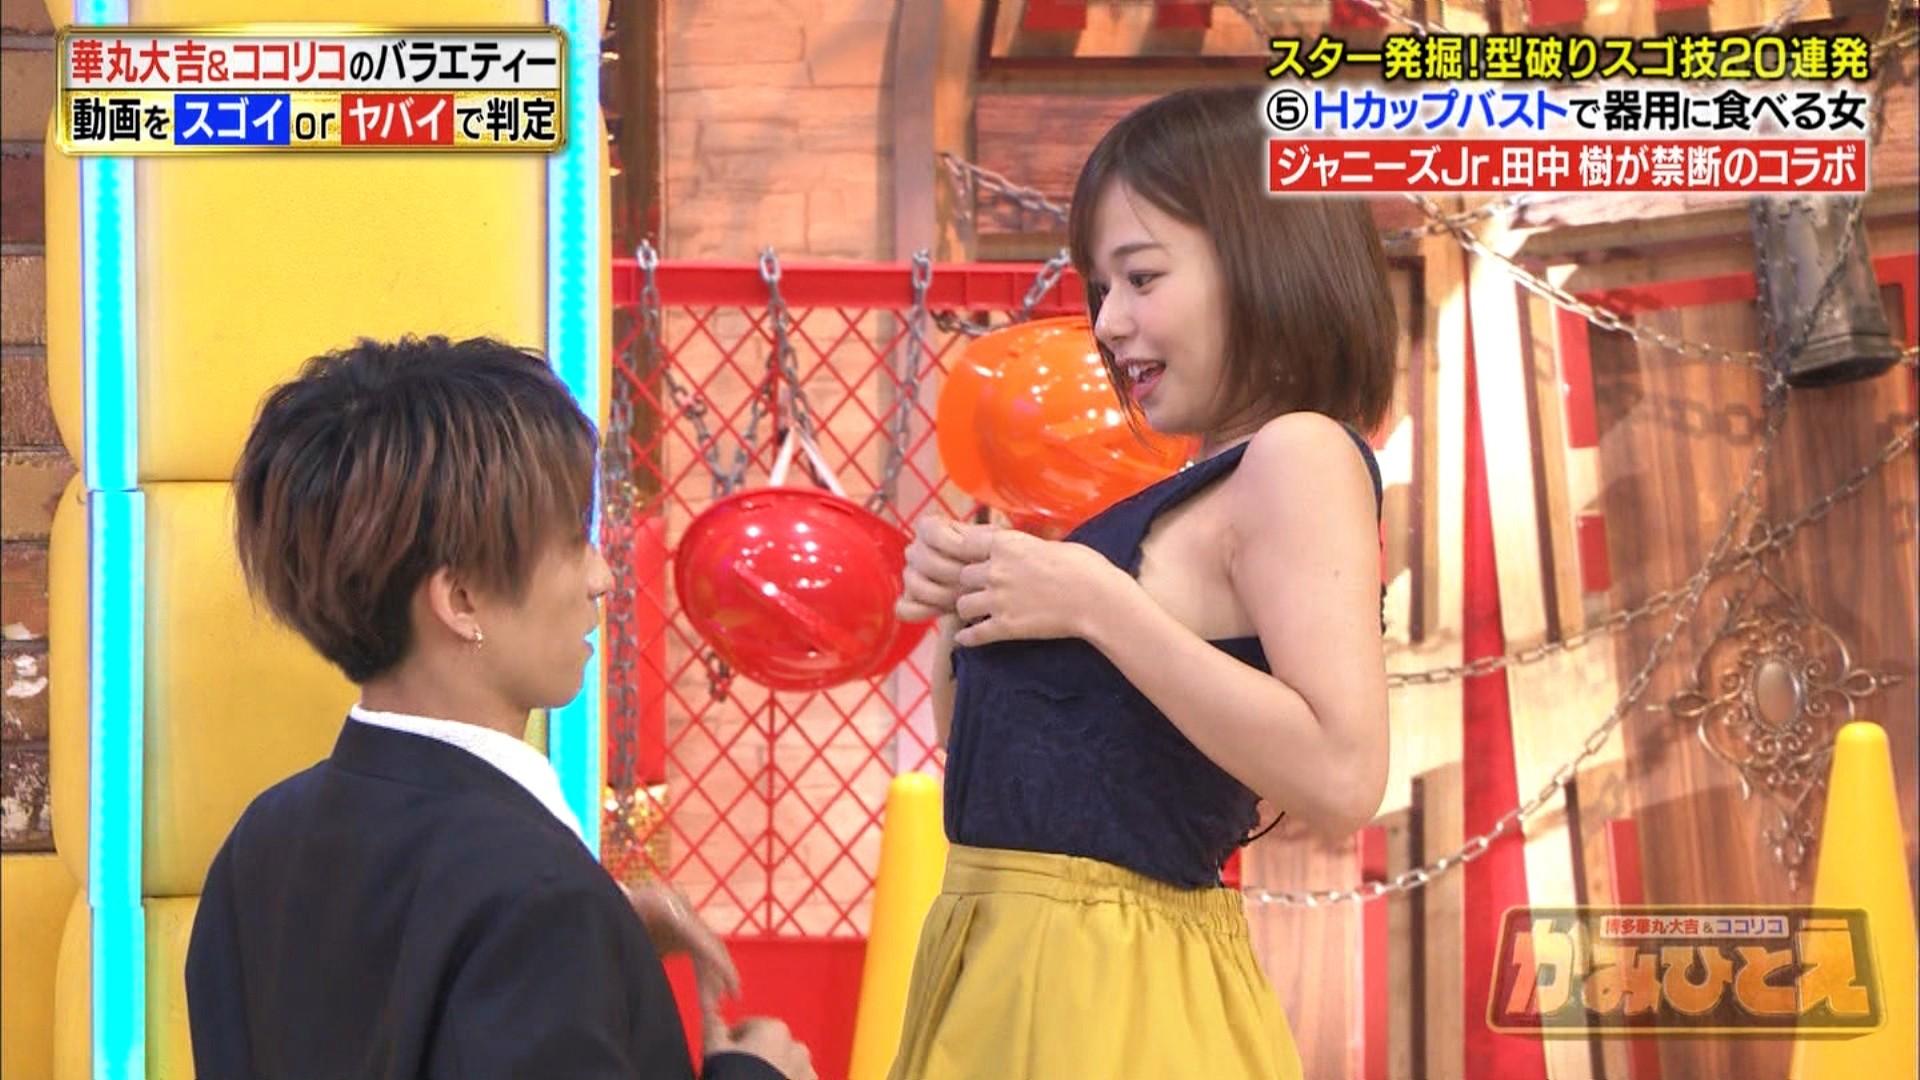 2019年7月29日テレビ朝日「かみひとえ」出演・和地つかささんのテレビキャプチャー画像-035